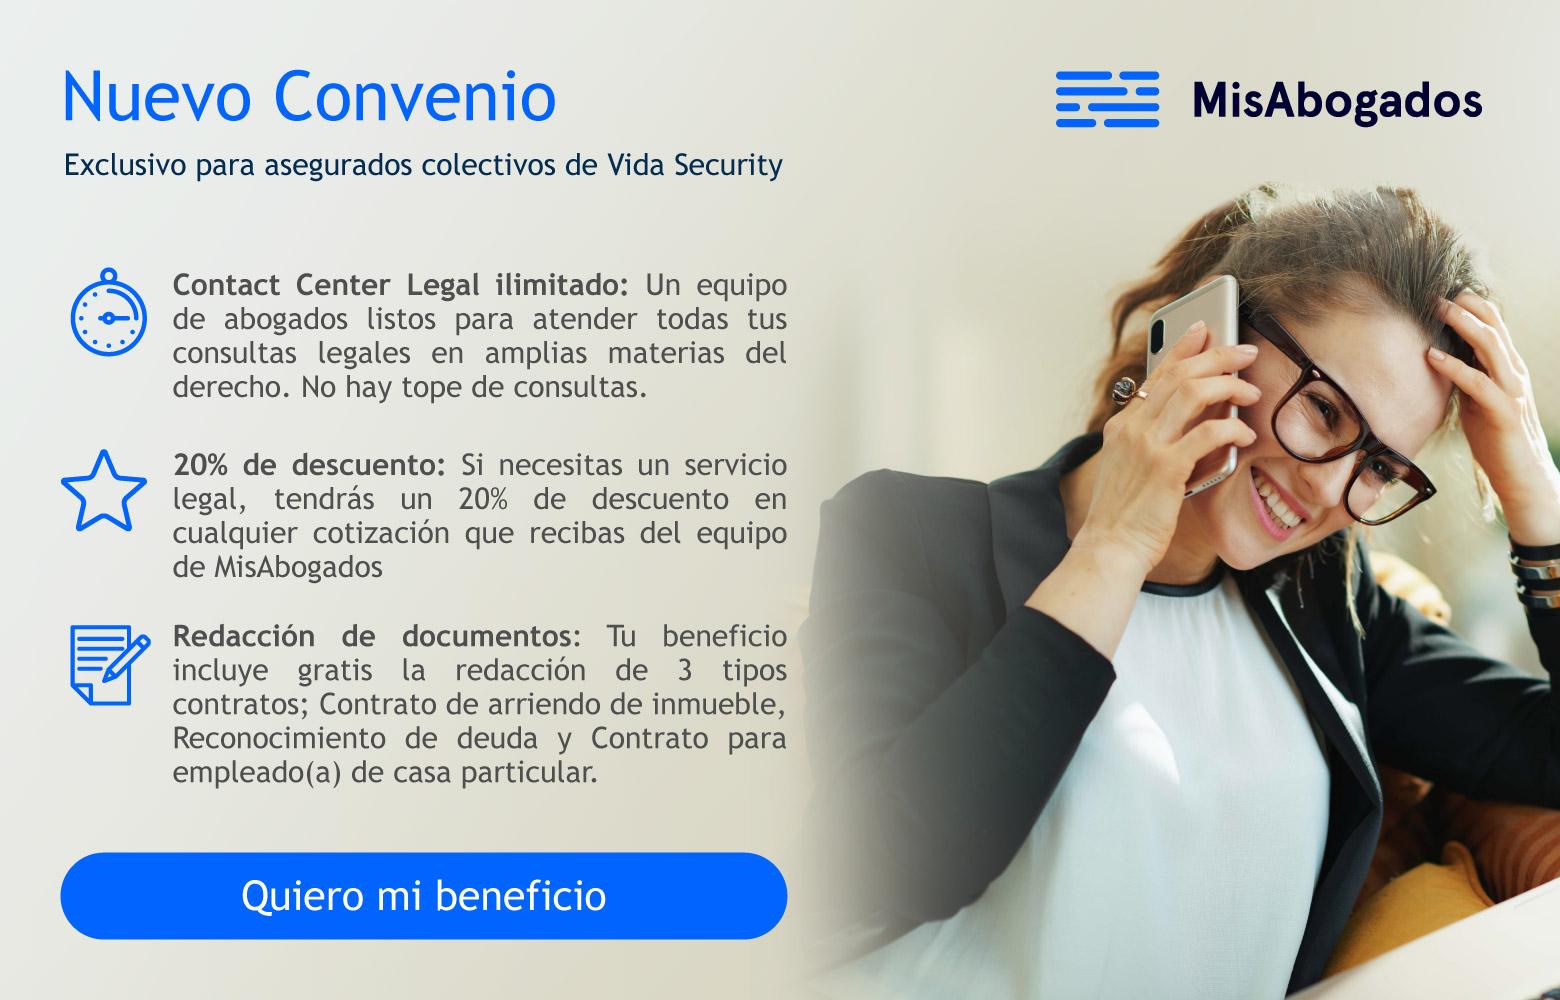 Nuevo Convenio MisAbogados, Exclusivo para asegurados colectivos de Vida Security